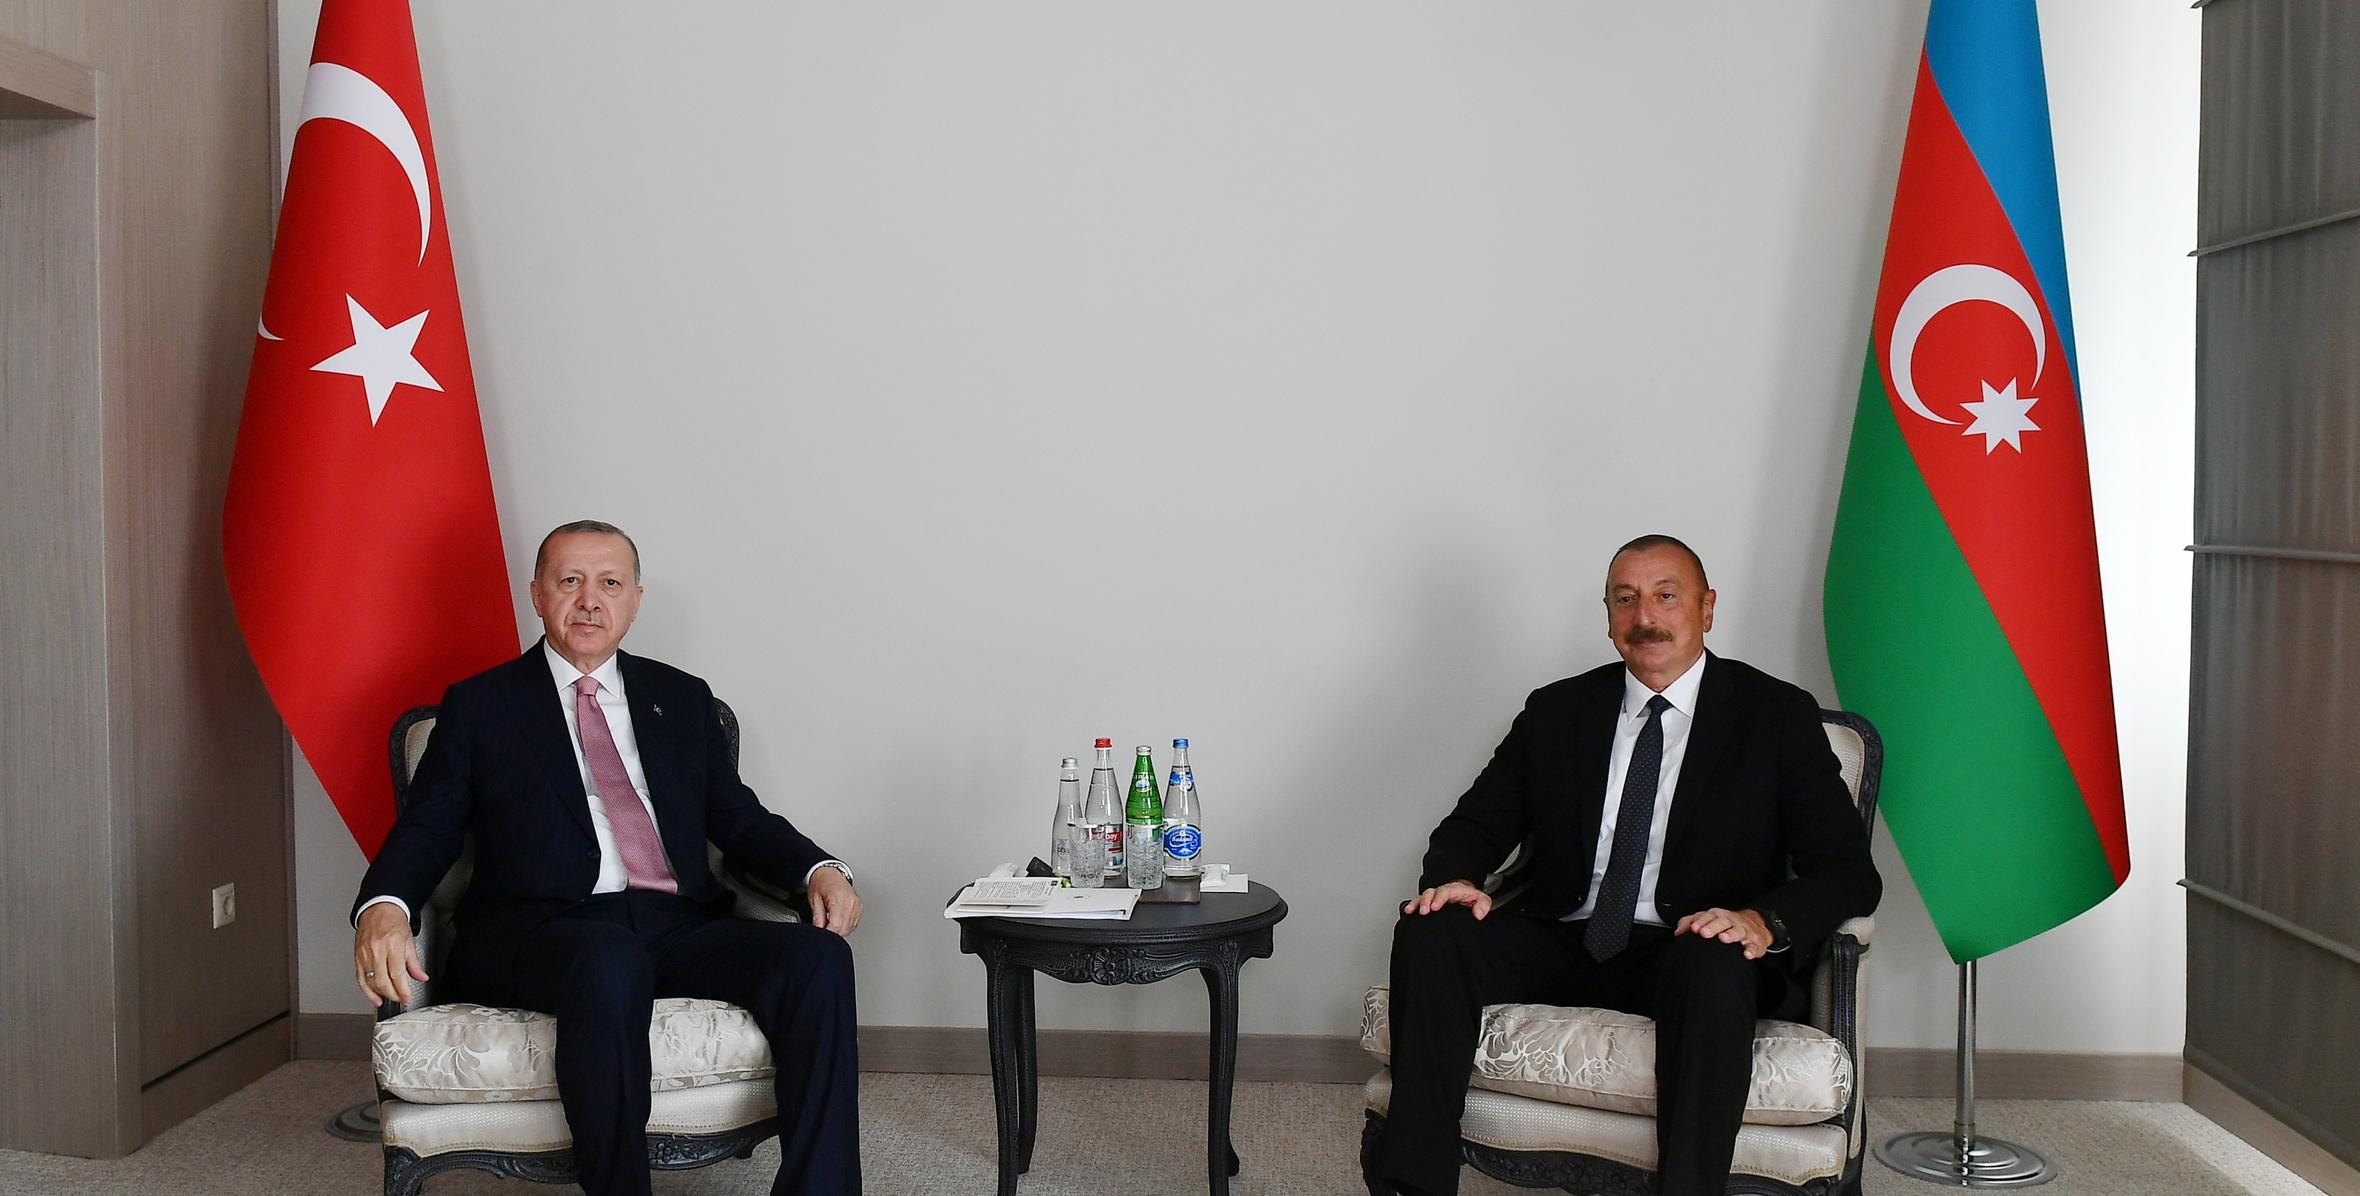 Azərbaycan və Türkiyə prezidentlərinin təkbətək görüşü